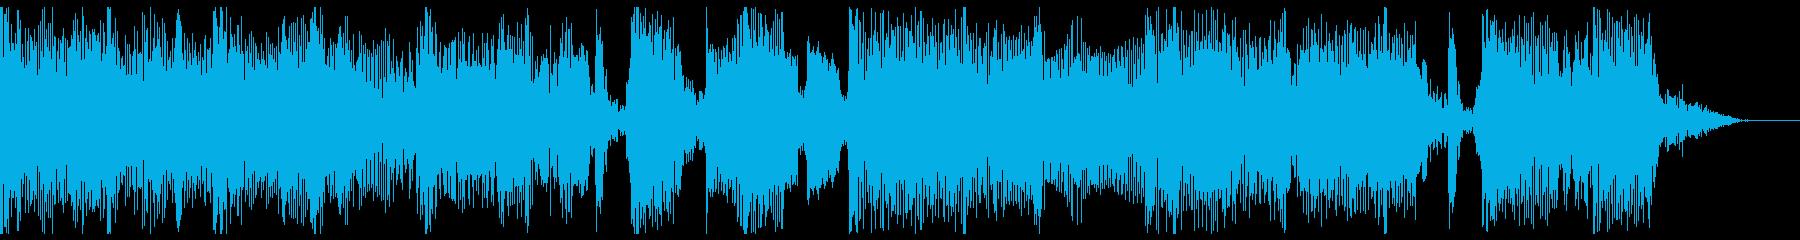 セミアコギターを用いたジャジーなBGMの再生済みの波形